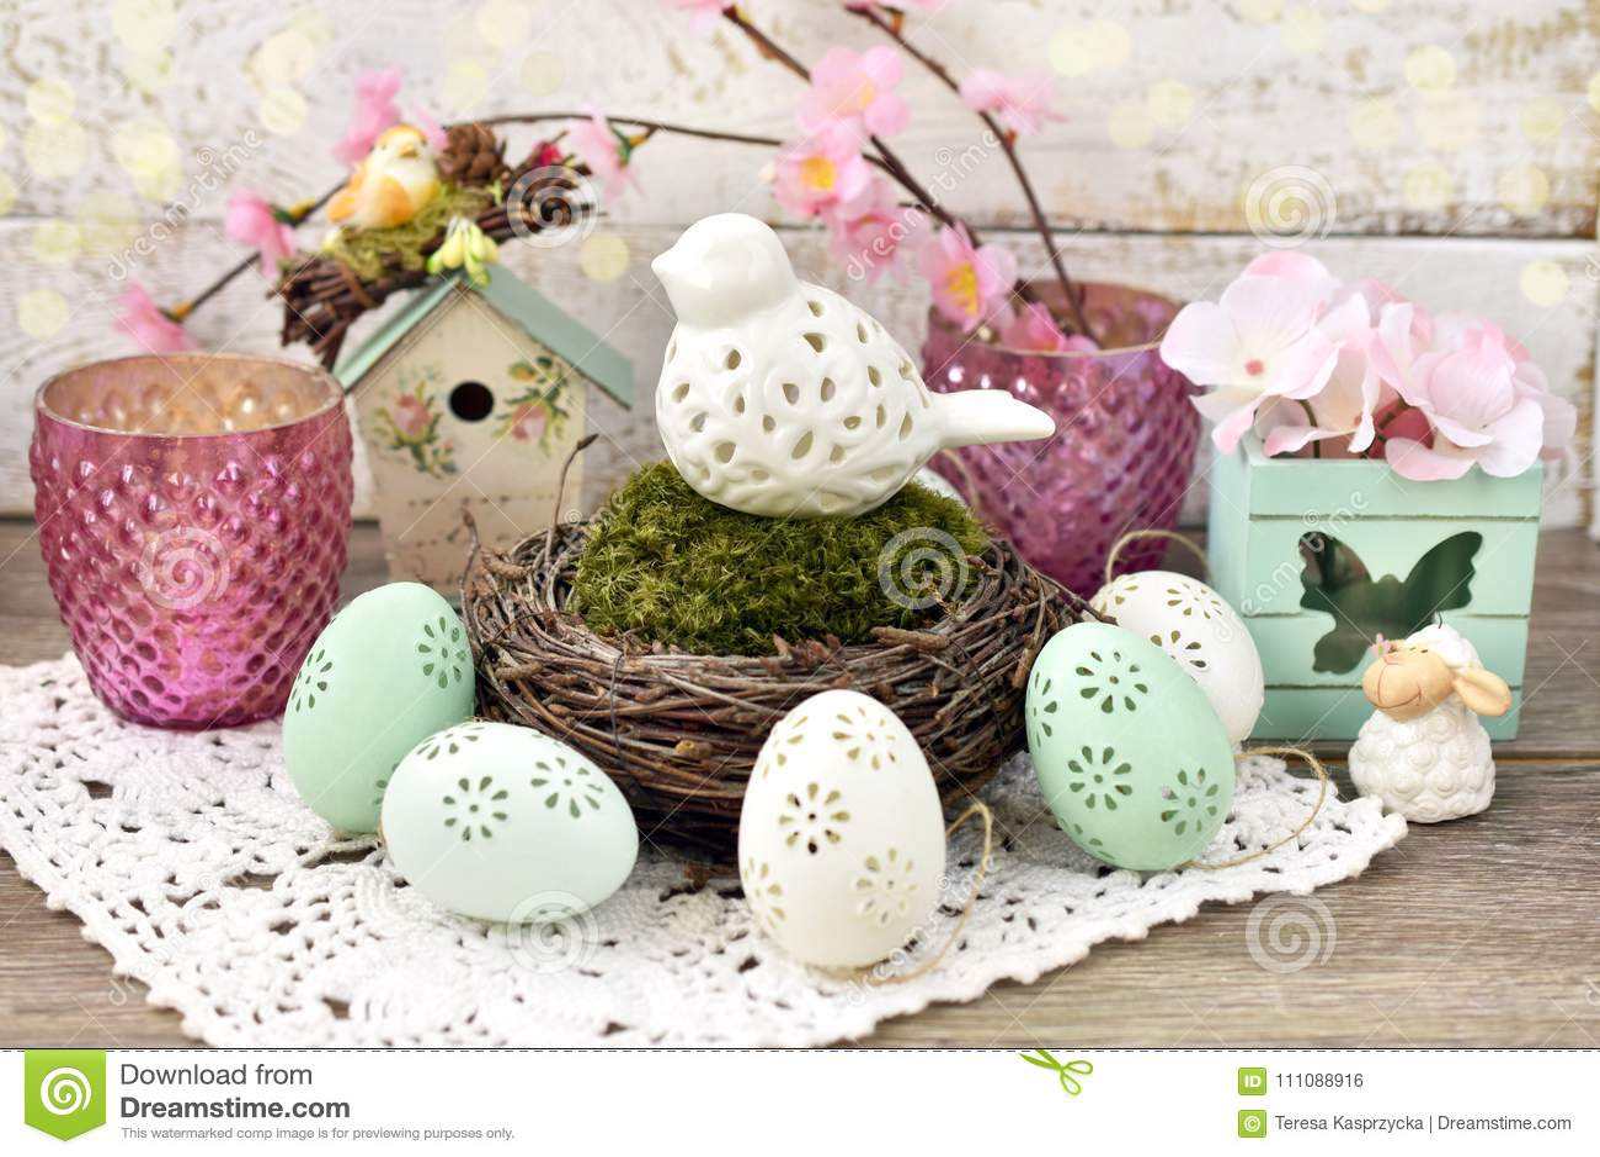 Διακόσμηση Πάσχας με το πουλί πορσελάνης στη φωλιά και τα αυγά